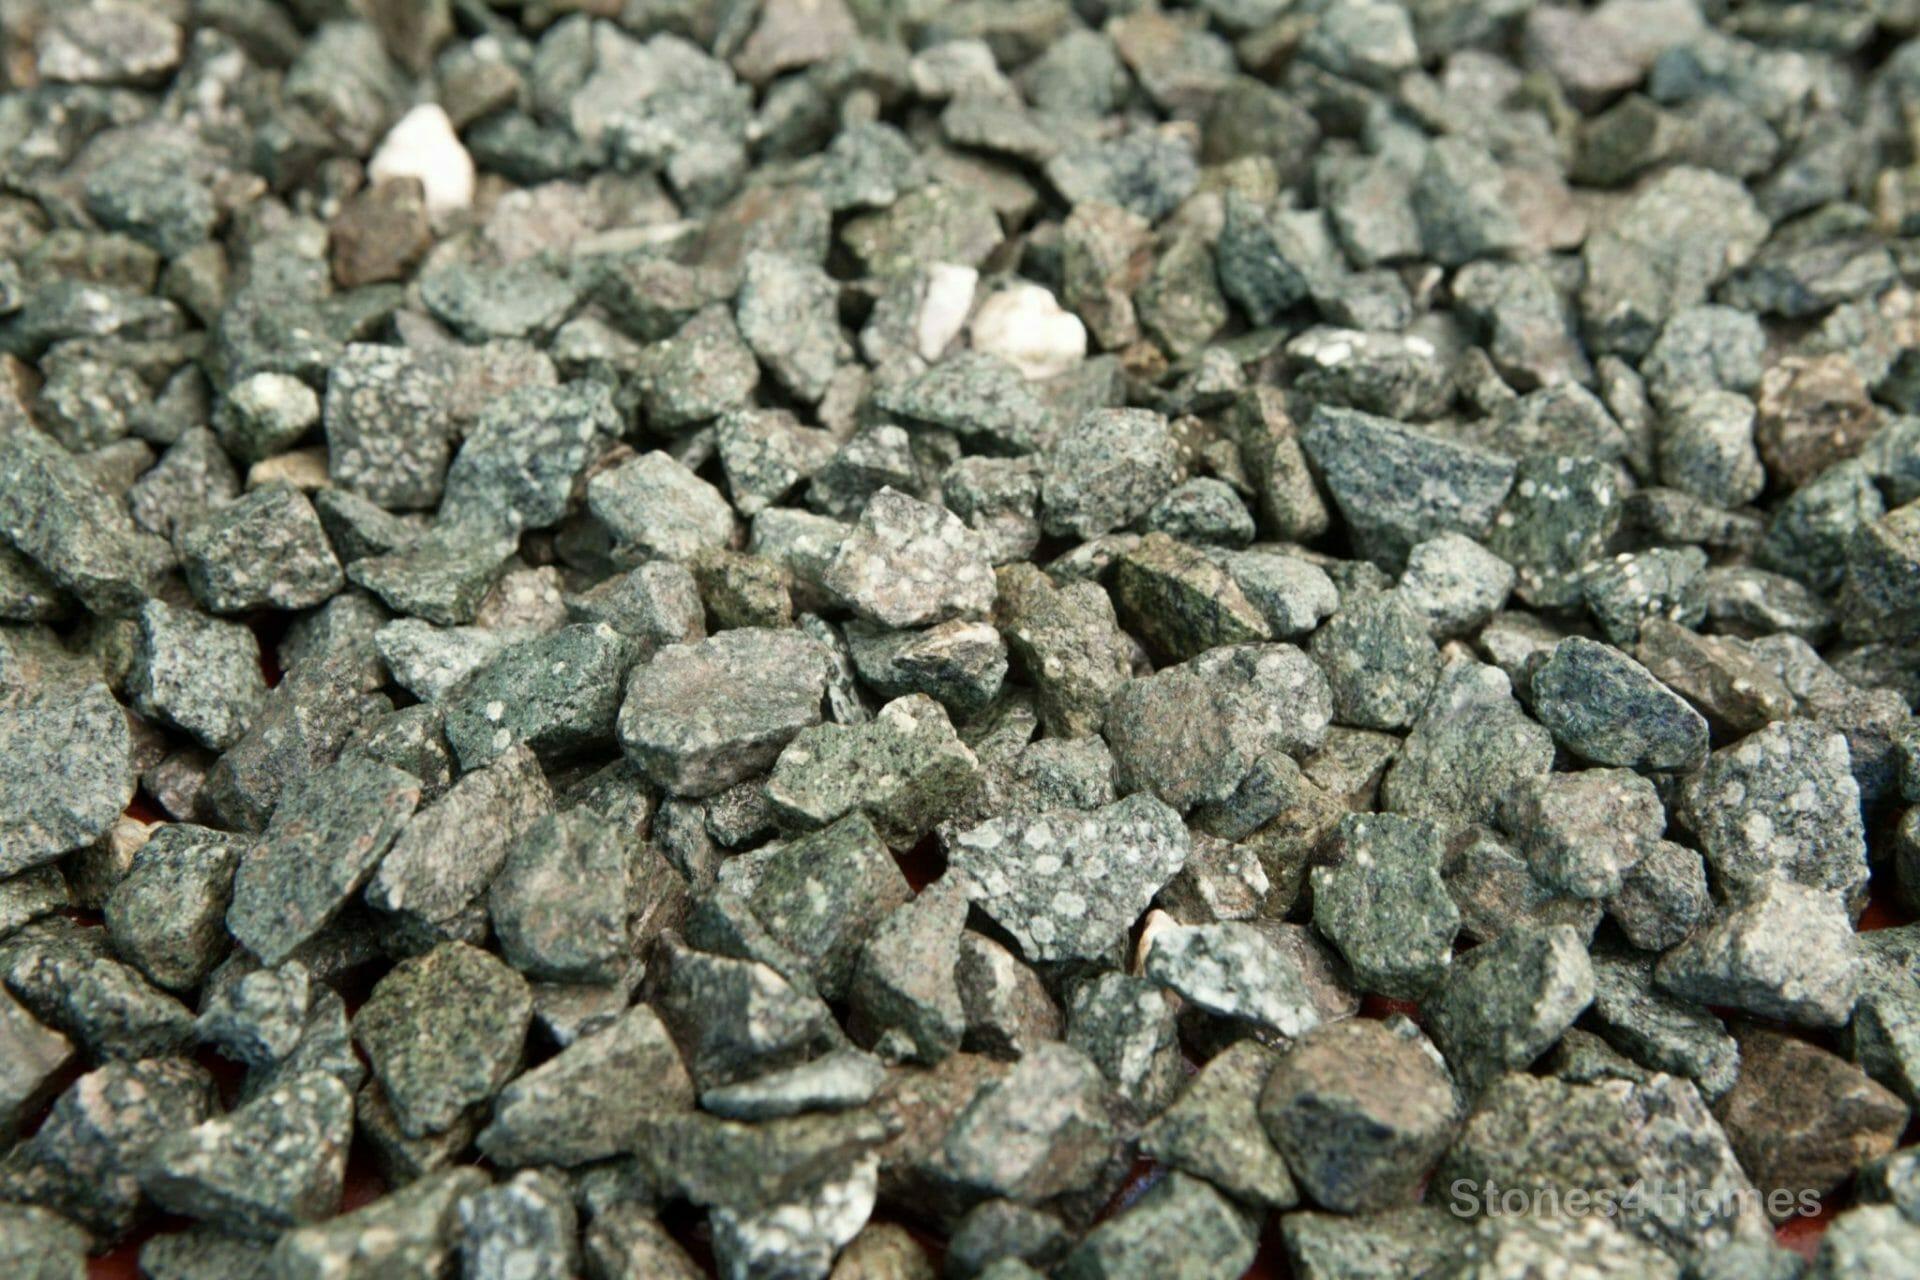 Green Granite Stone : Green granite chippings gravel stones homes